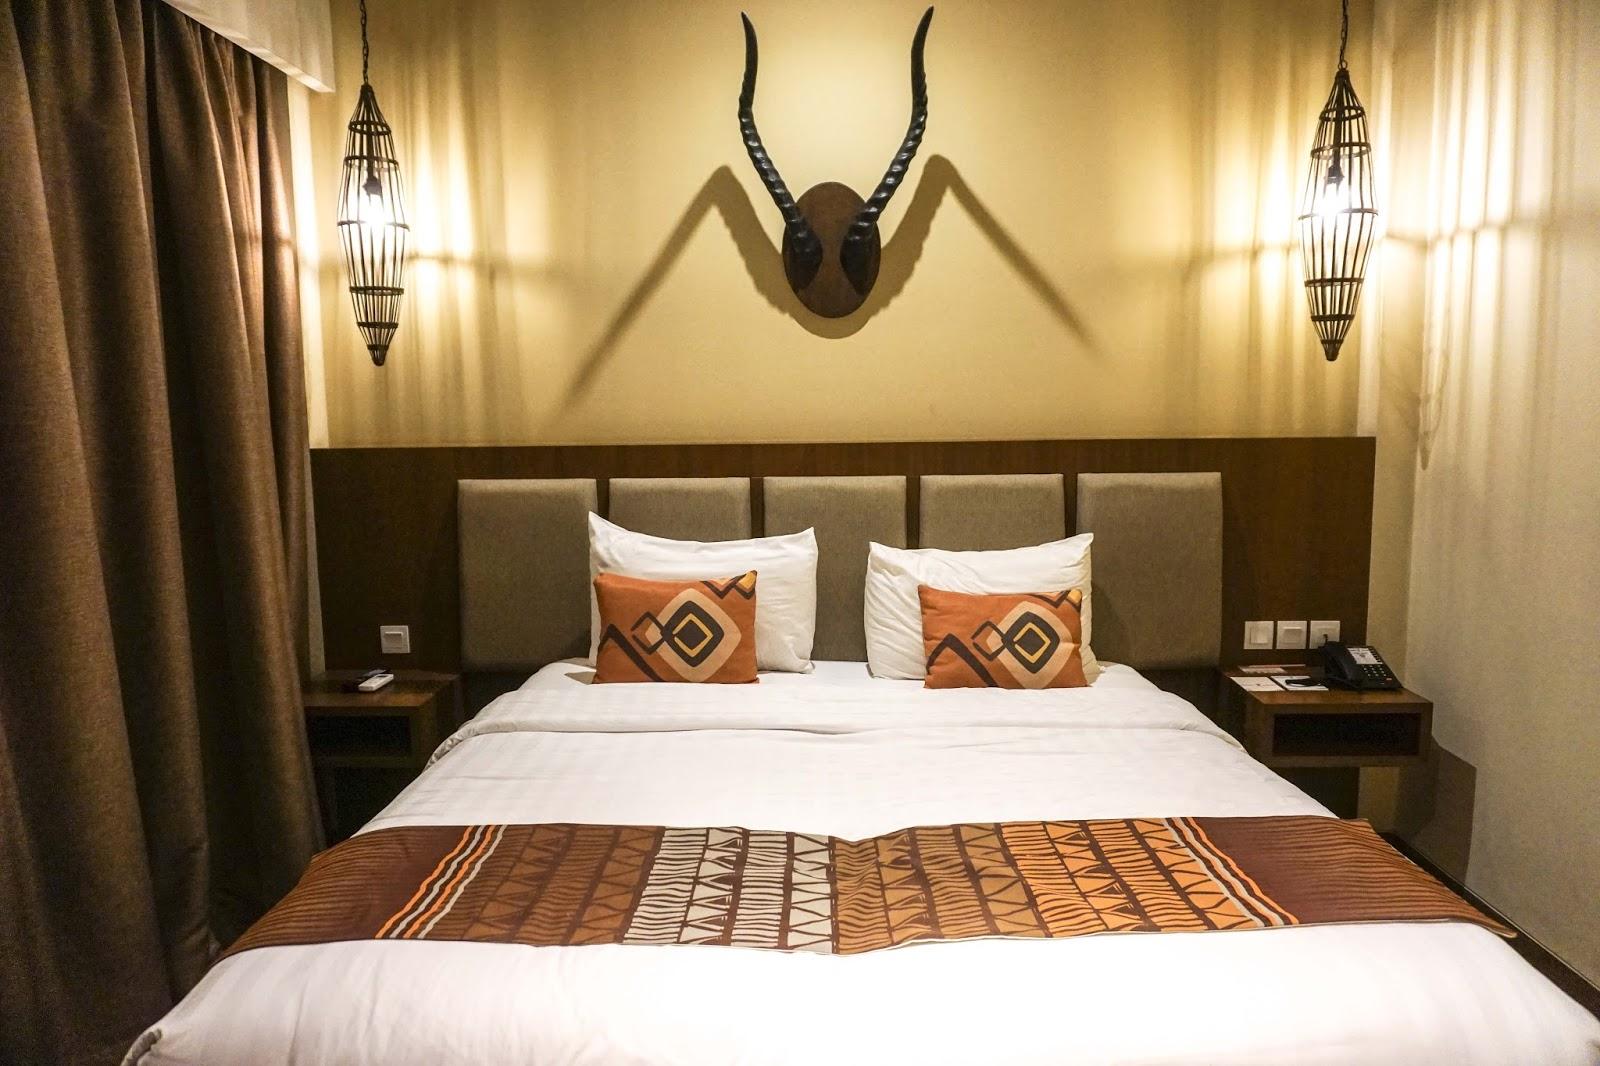 Aji Wisnu Voucher Hotel Baobab Safari Prigen Meskipun Kota Pasuruan Panas Disini Perlu Menggunakan Ac Karena Udara Sudah Sejuk